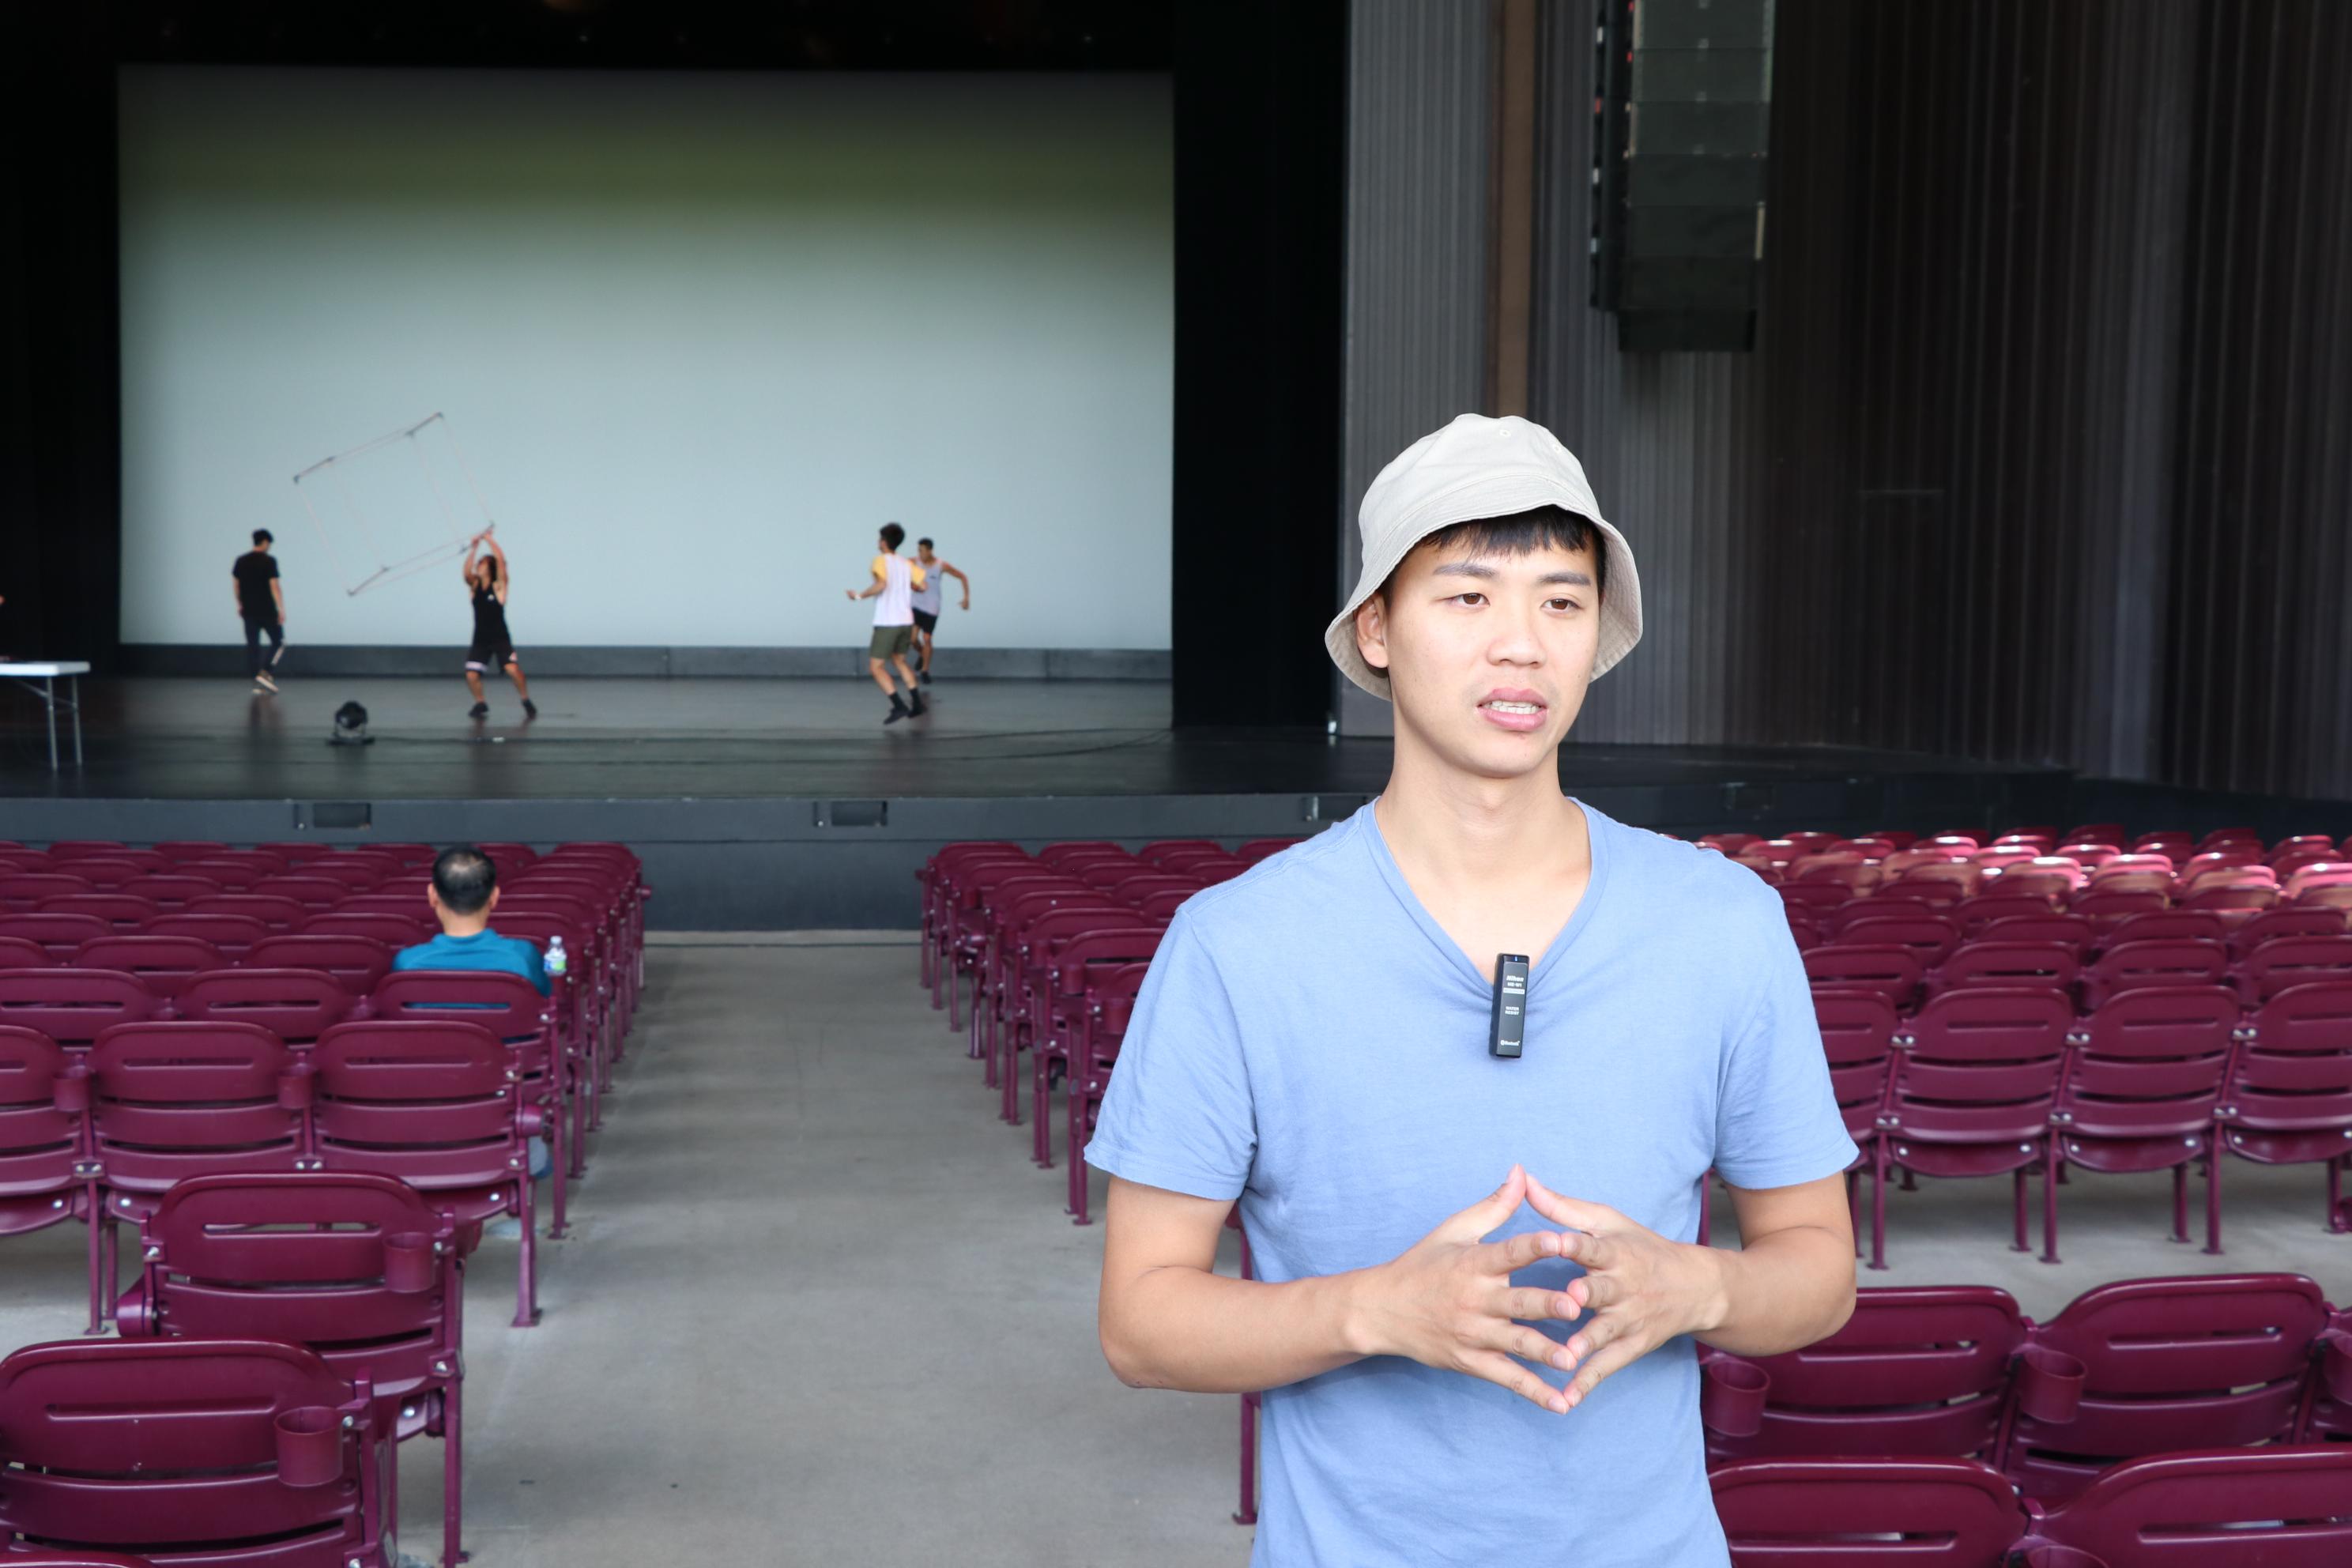 福爾摩沙馬戲團團長林智偉在彩排時表示,他們很榮幸能到休士頓一流的米勒戶外劇場演出。(記者封昌明/攝影)